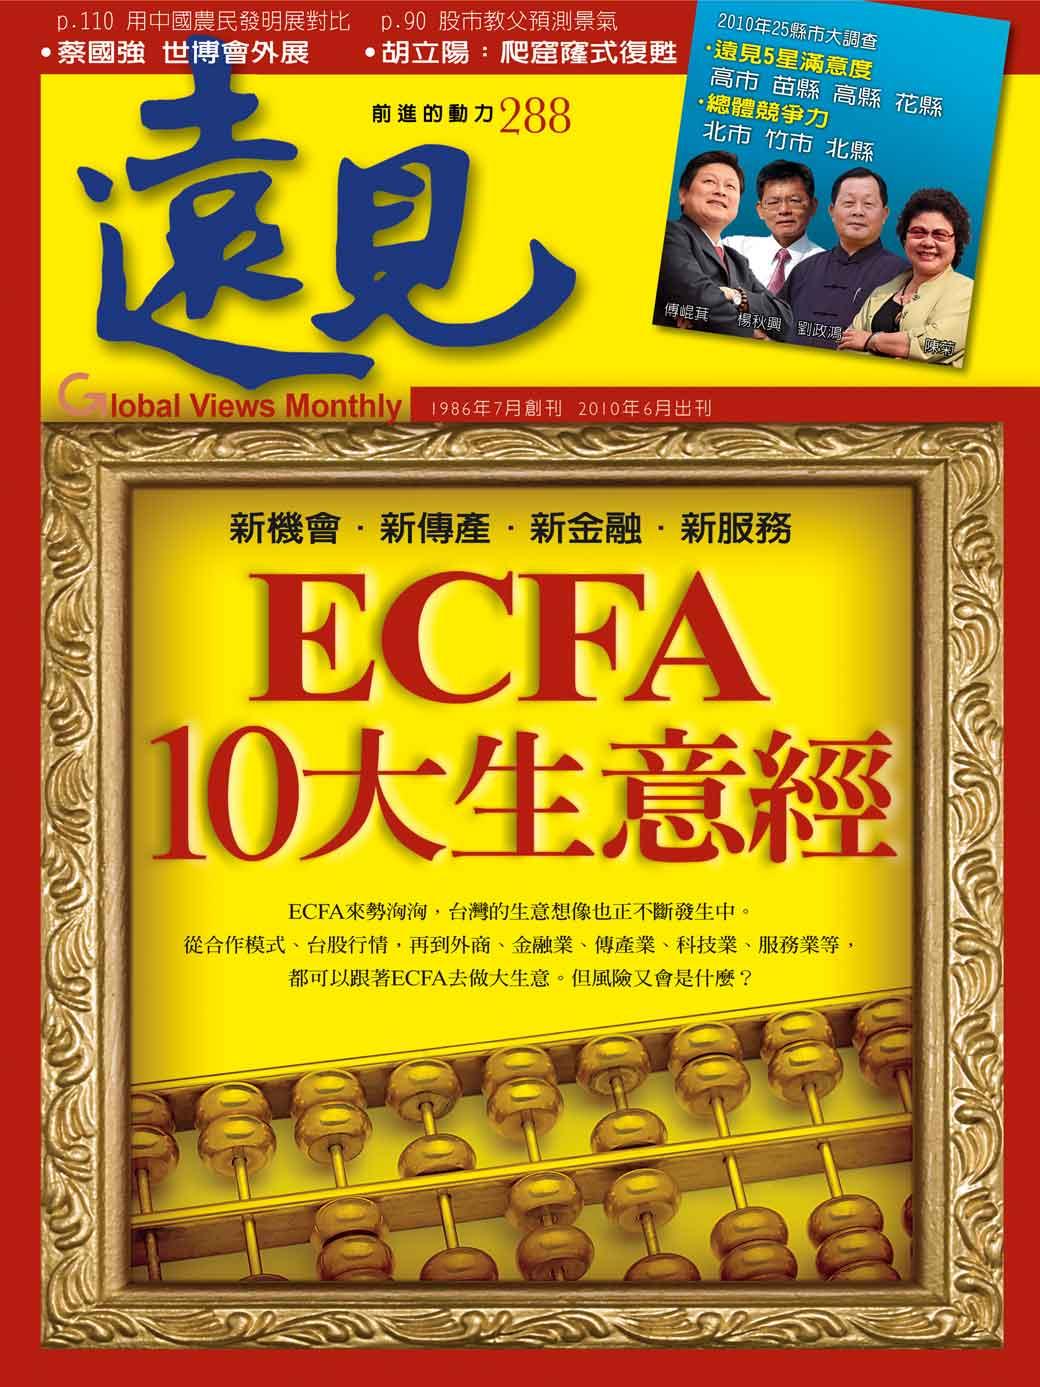 ECFA 10大生意經